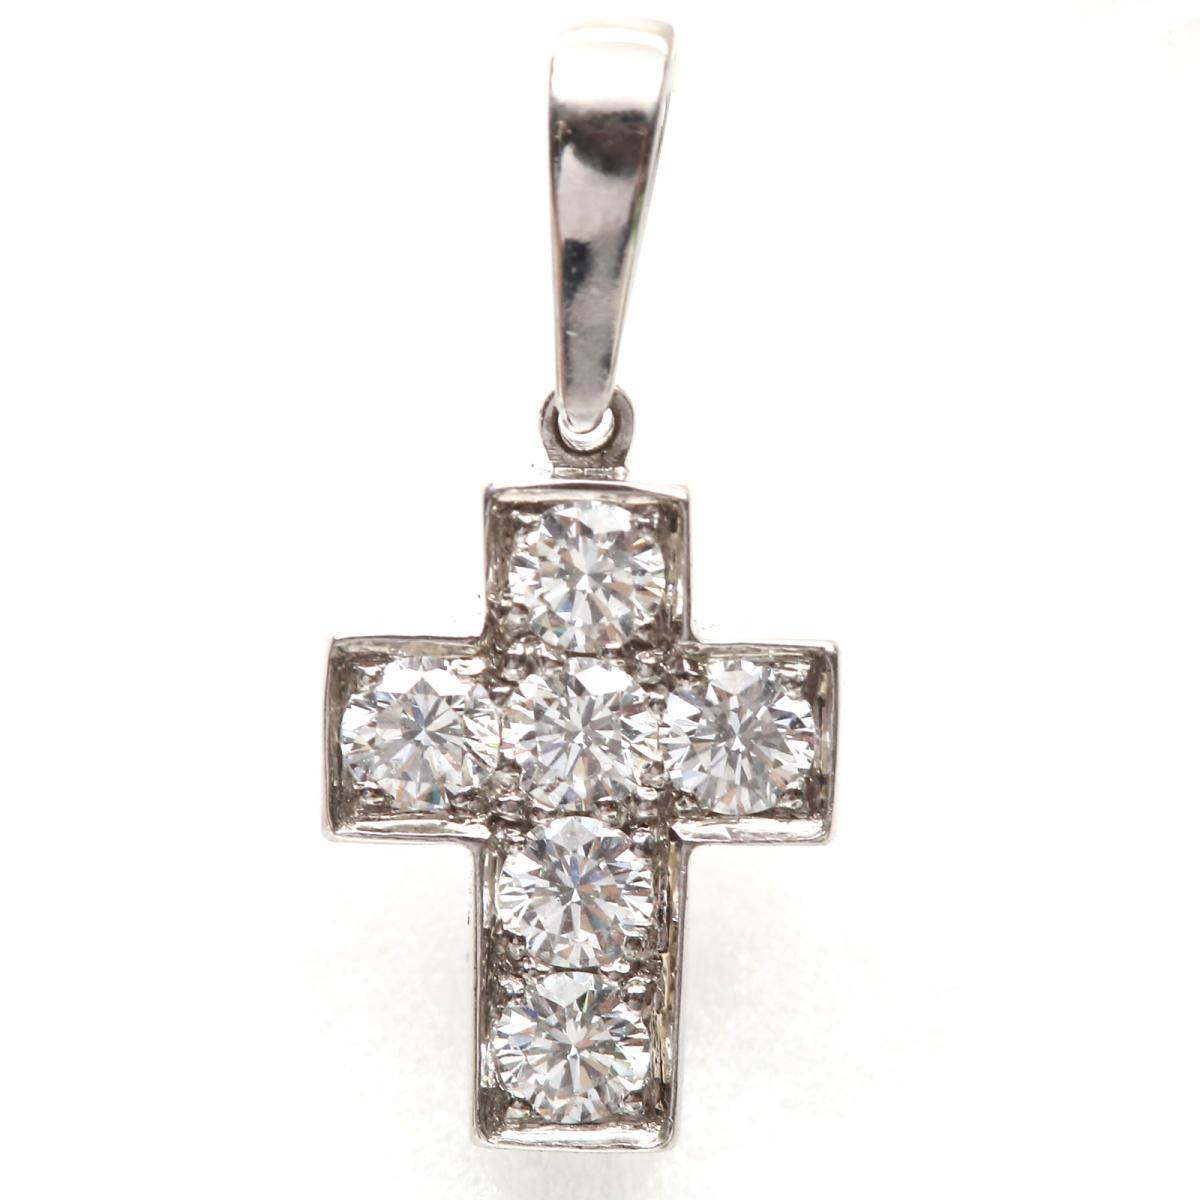 トップ チャーム クロス ダイヤモンド